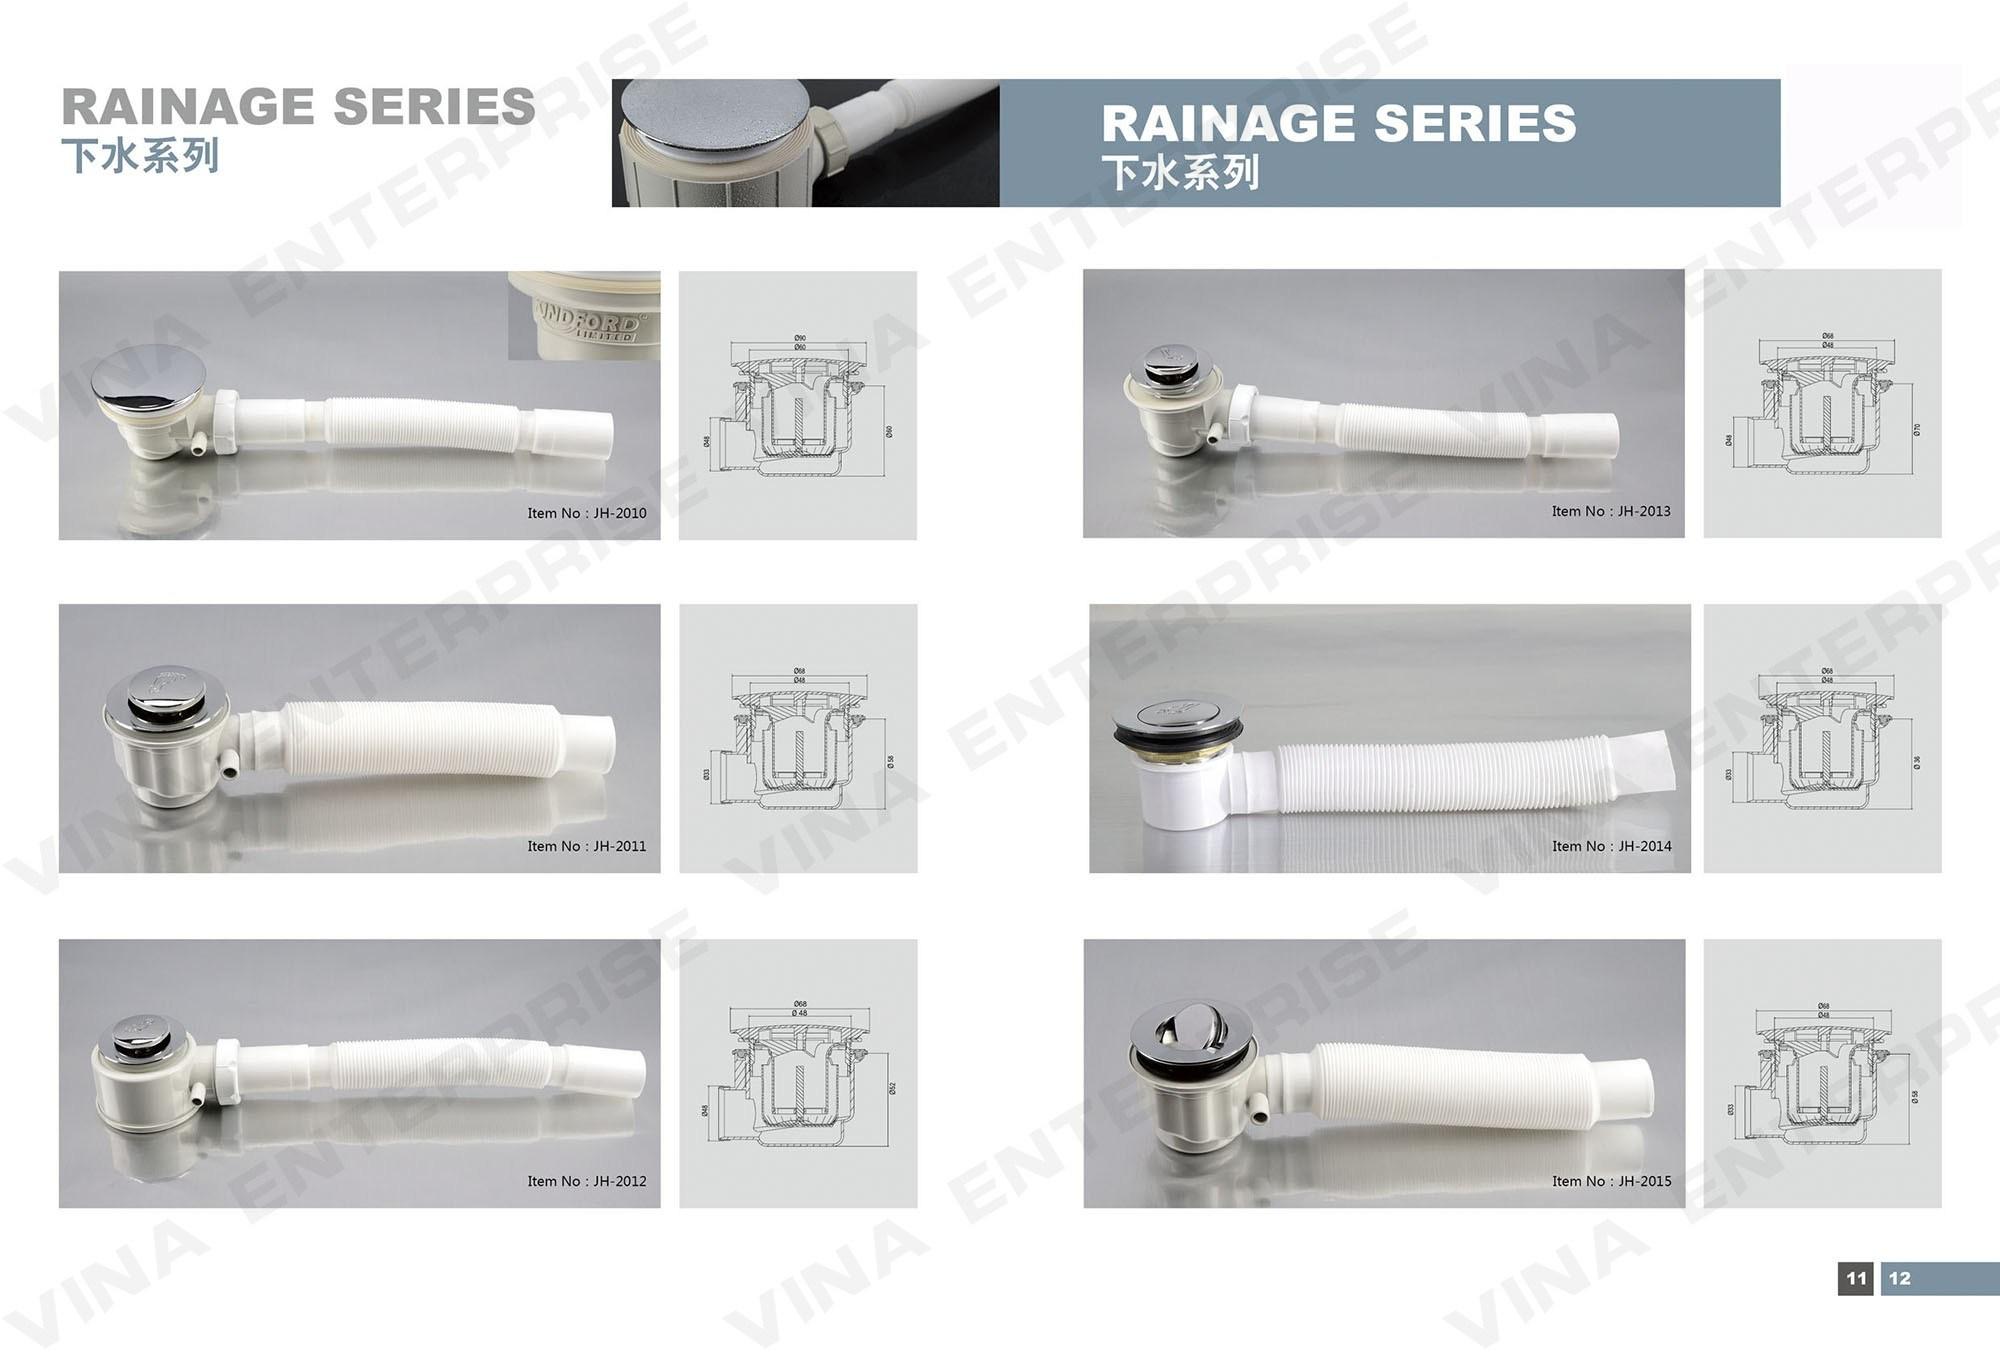 da bandeja do chuveiro do Drainer da banheira em pt.Made in China.com #5E5B51 2000x1357 Acessorios Banheiro China